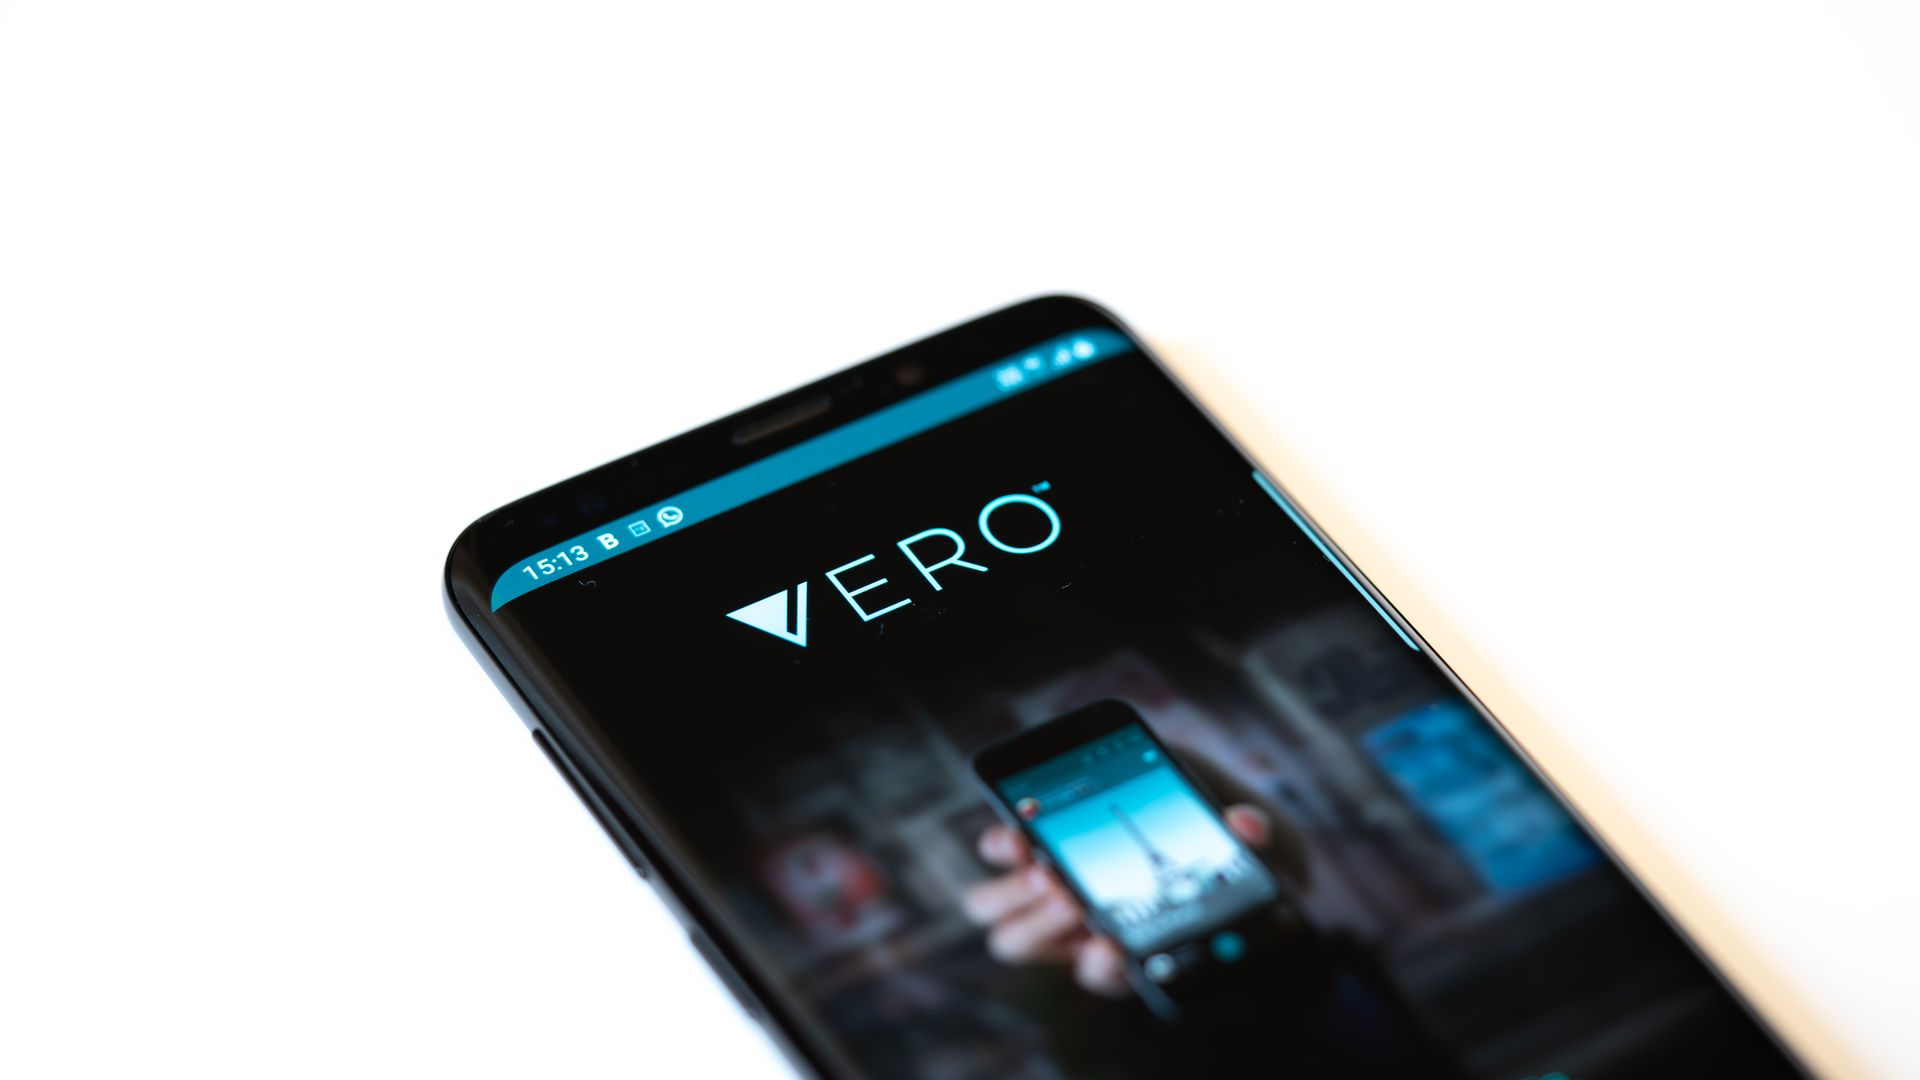 Vero se tornou popular em 2019 (Foto: Shutterstock)